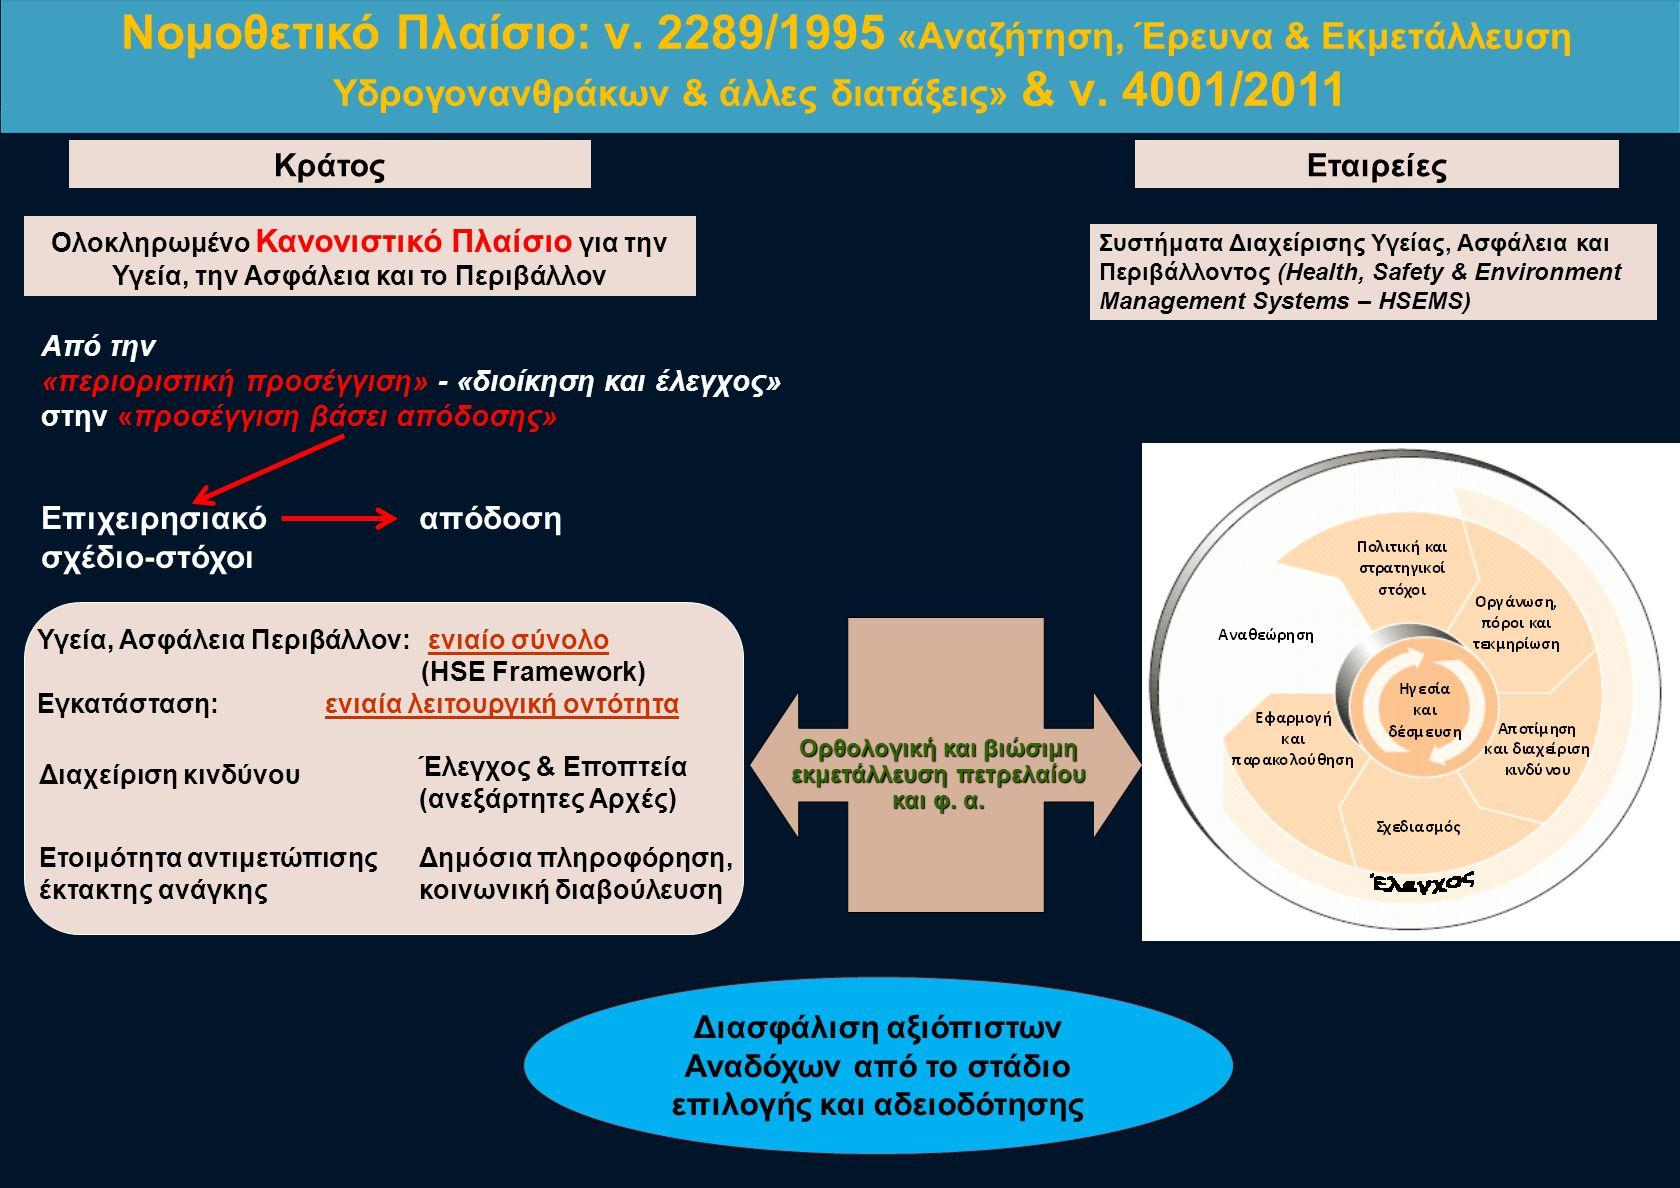 Συστήματα Διαχείρισης Υγείας, Ασφάλεια και Περιβάλλοντος (Health, Safety & Environment Management Systems – HSEMS) ΕταιρείεςΚράτος Ολοκληρωμένο Κανονι